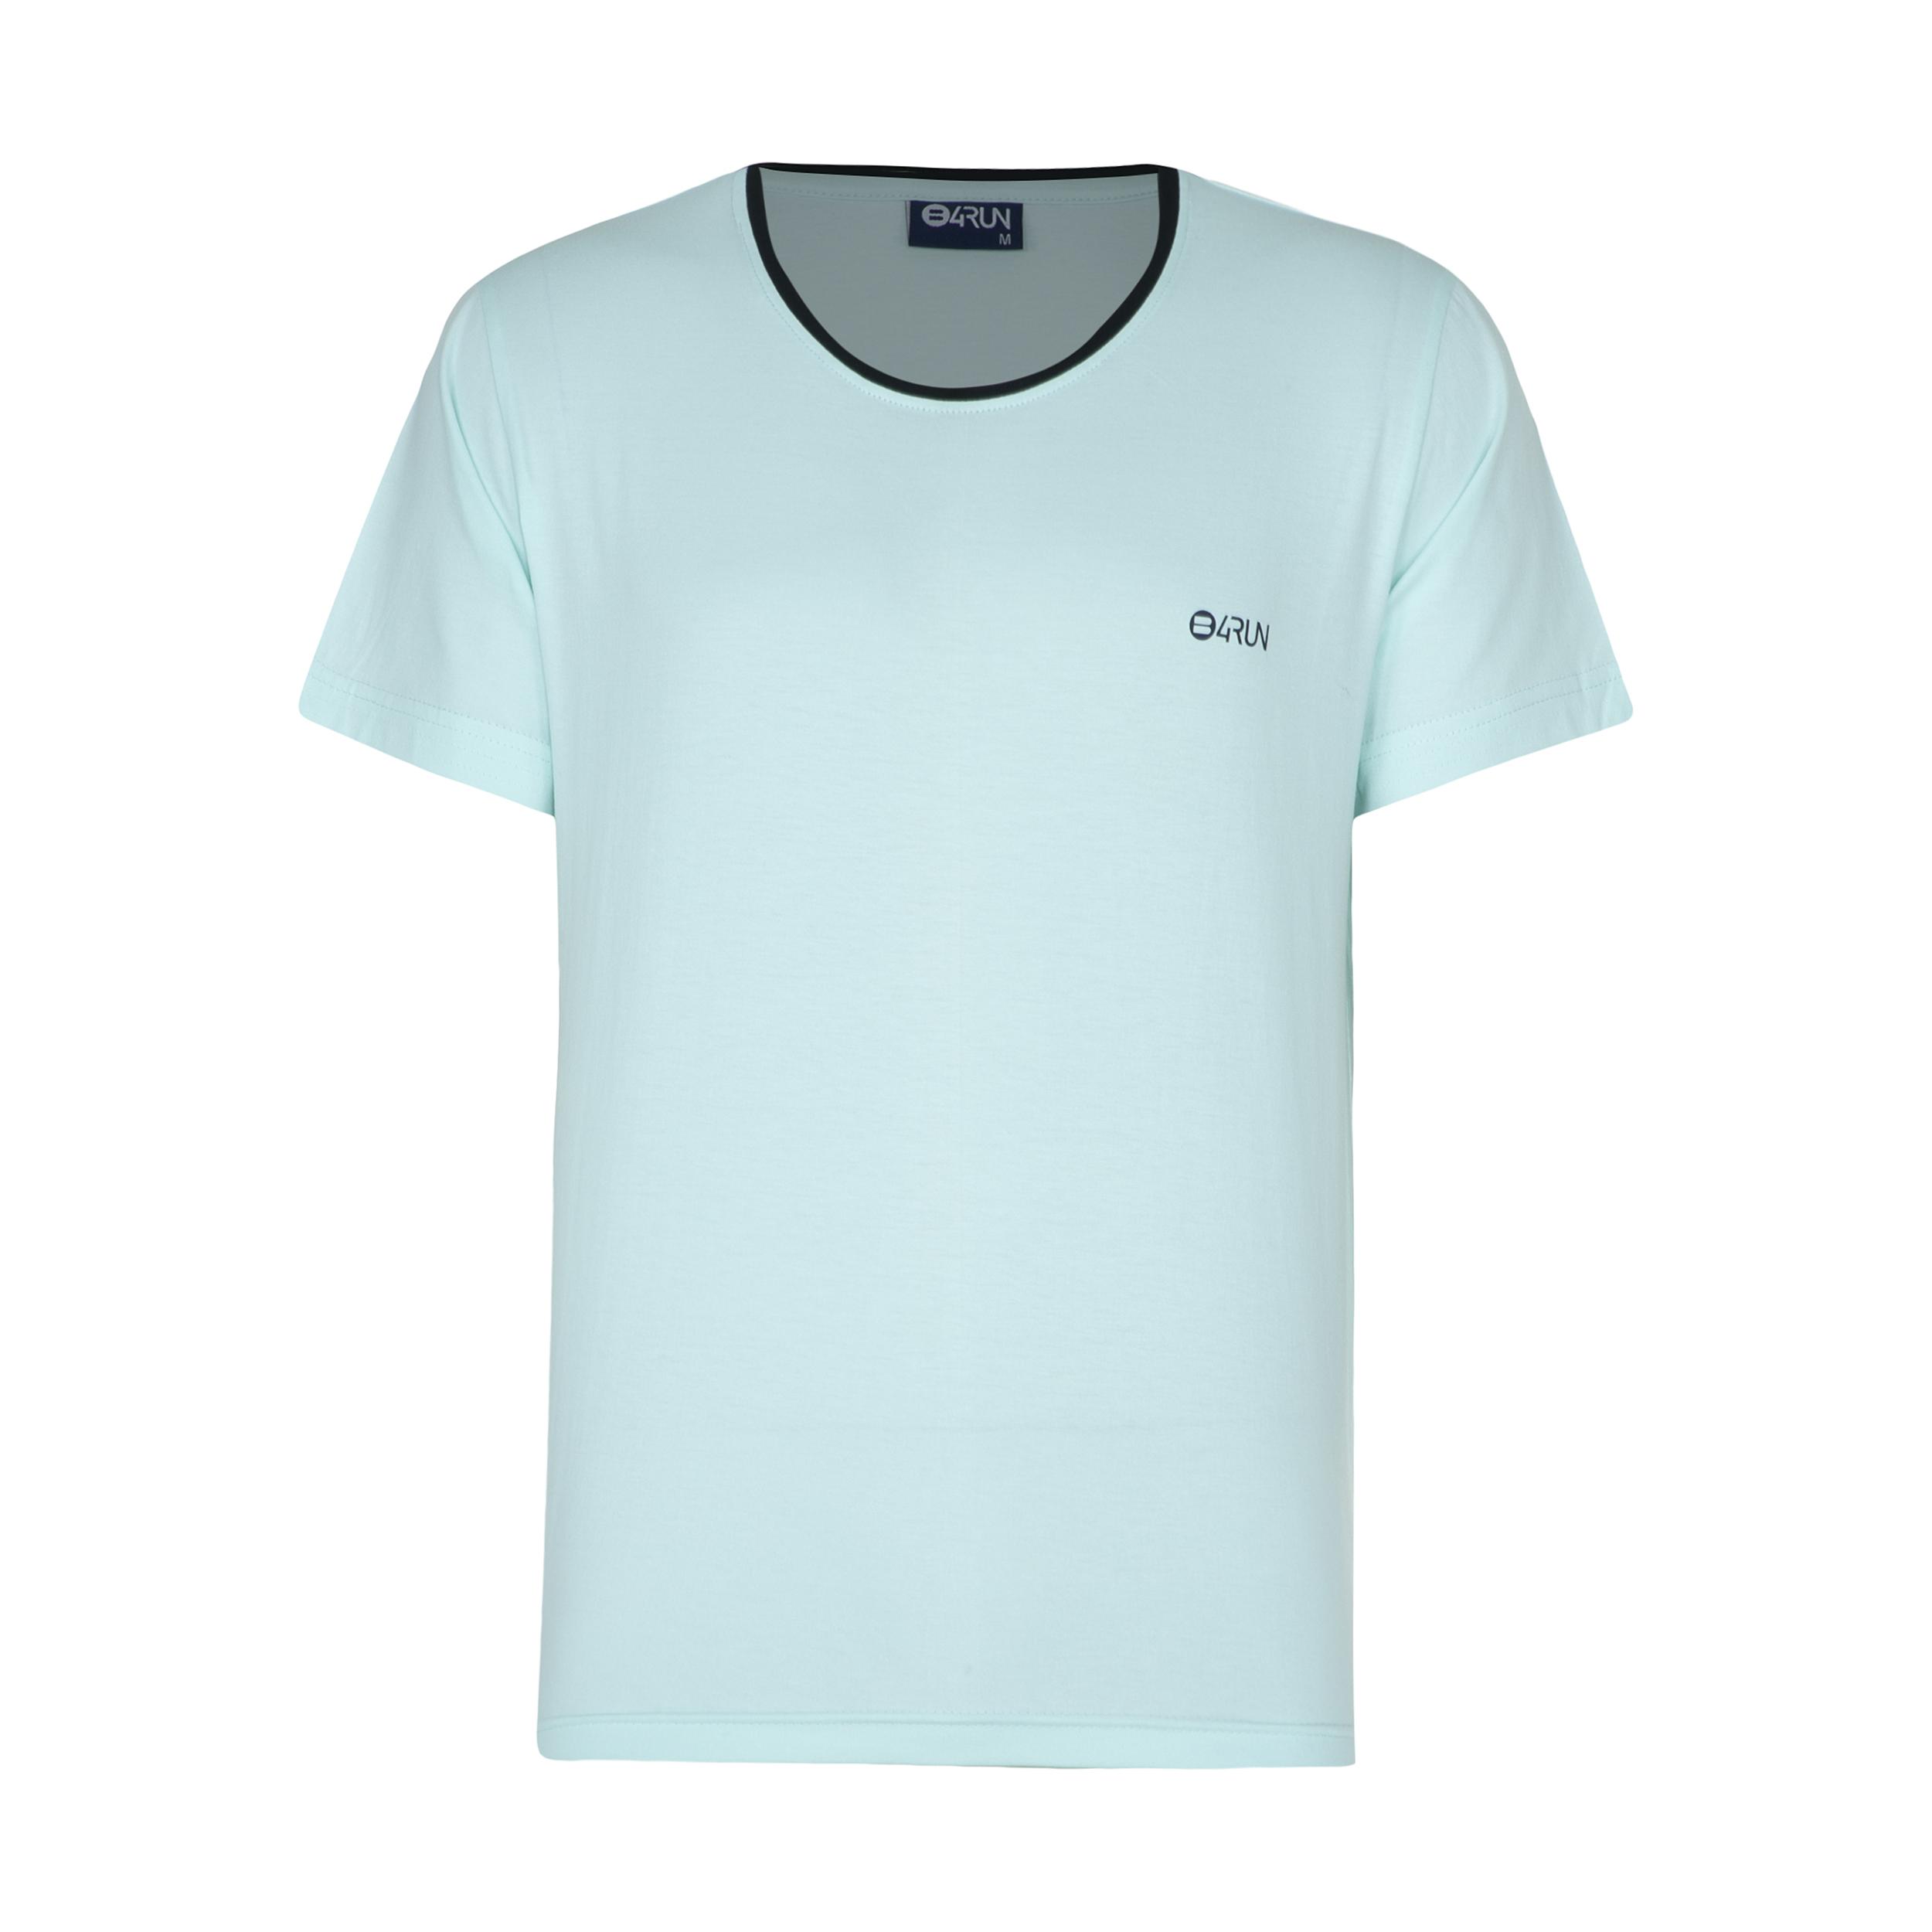 تی شرت ورزشی مردانه بی فور ران مدل 210312-54